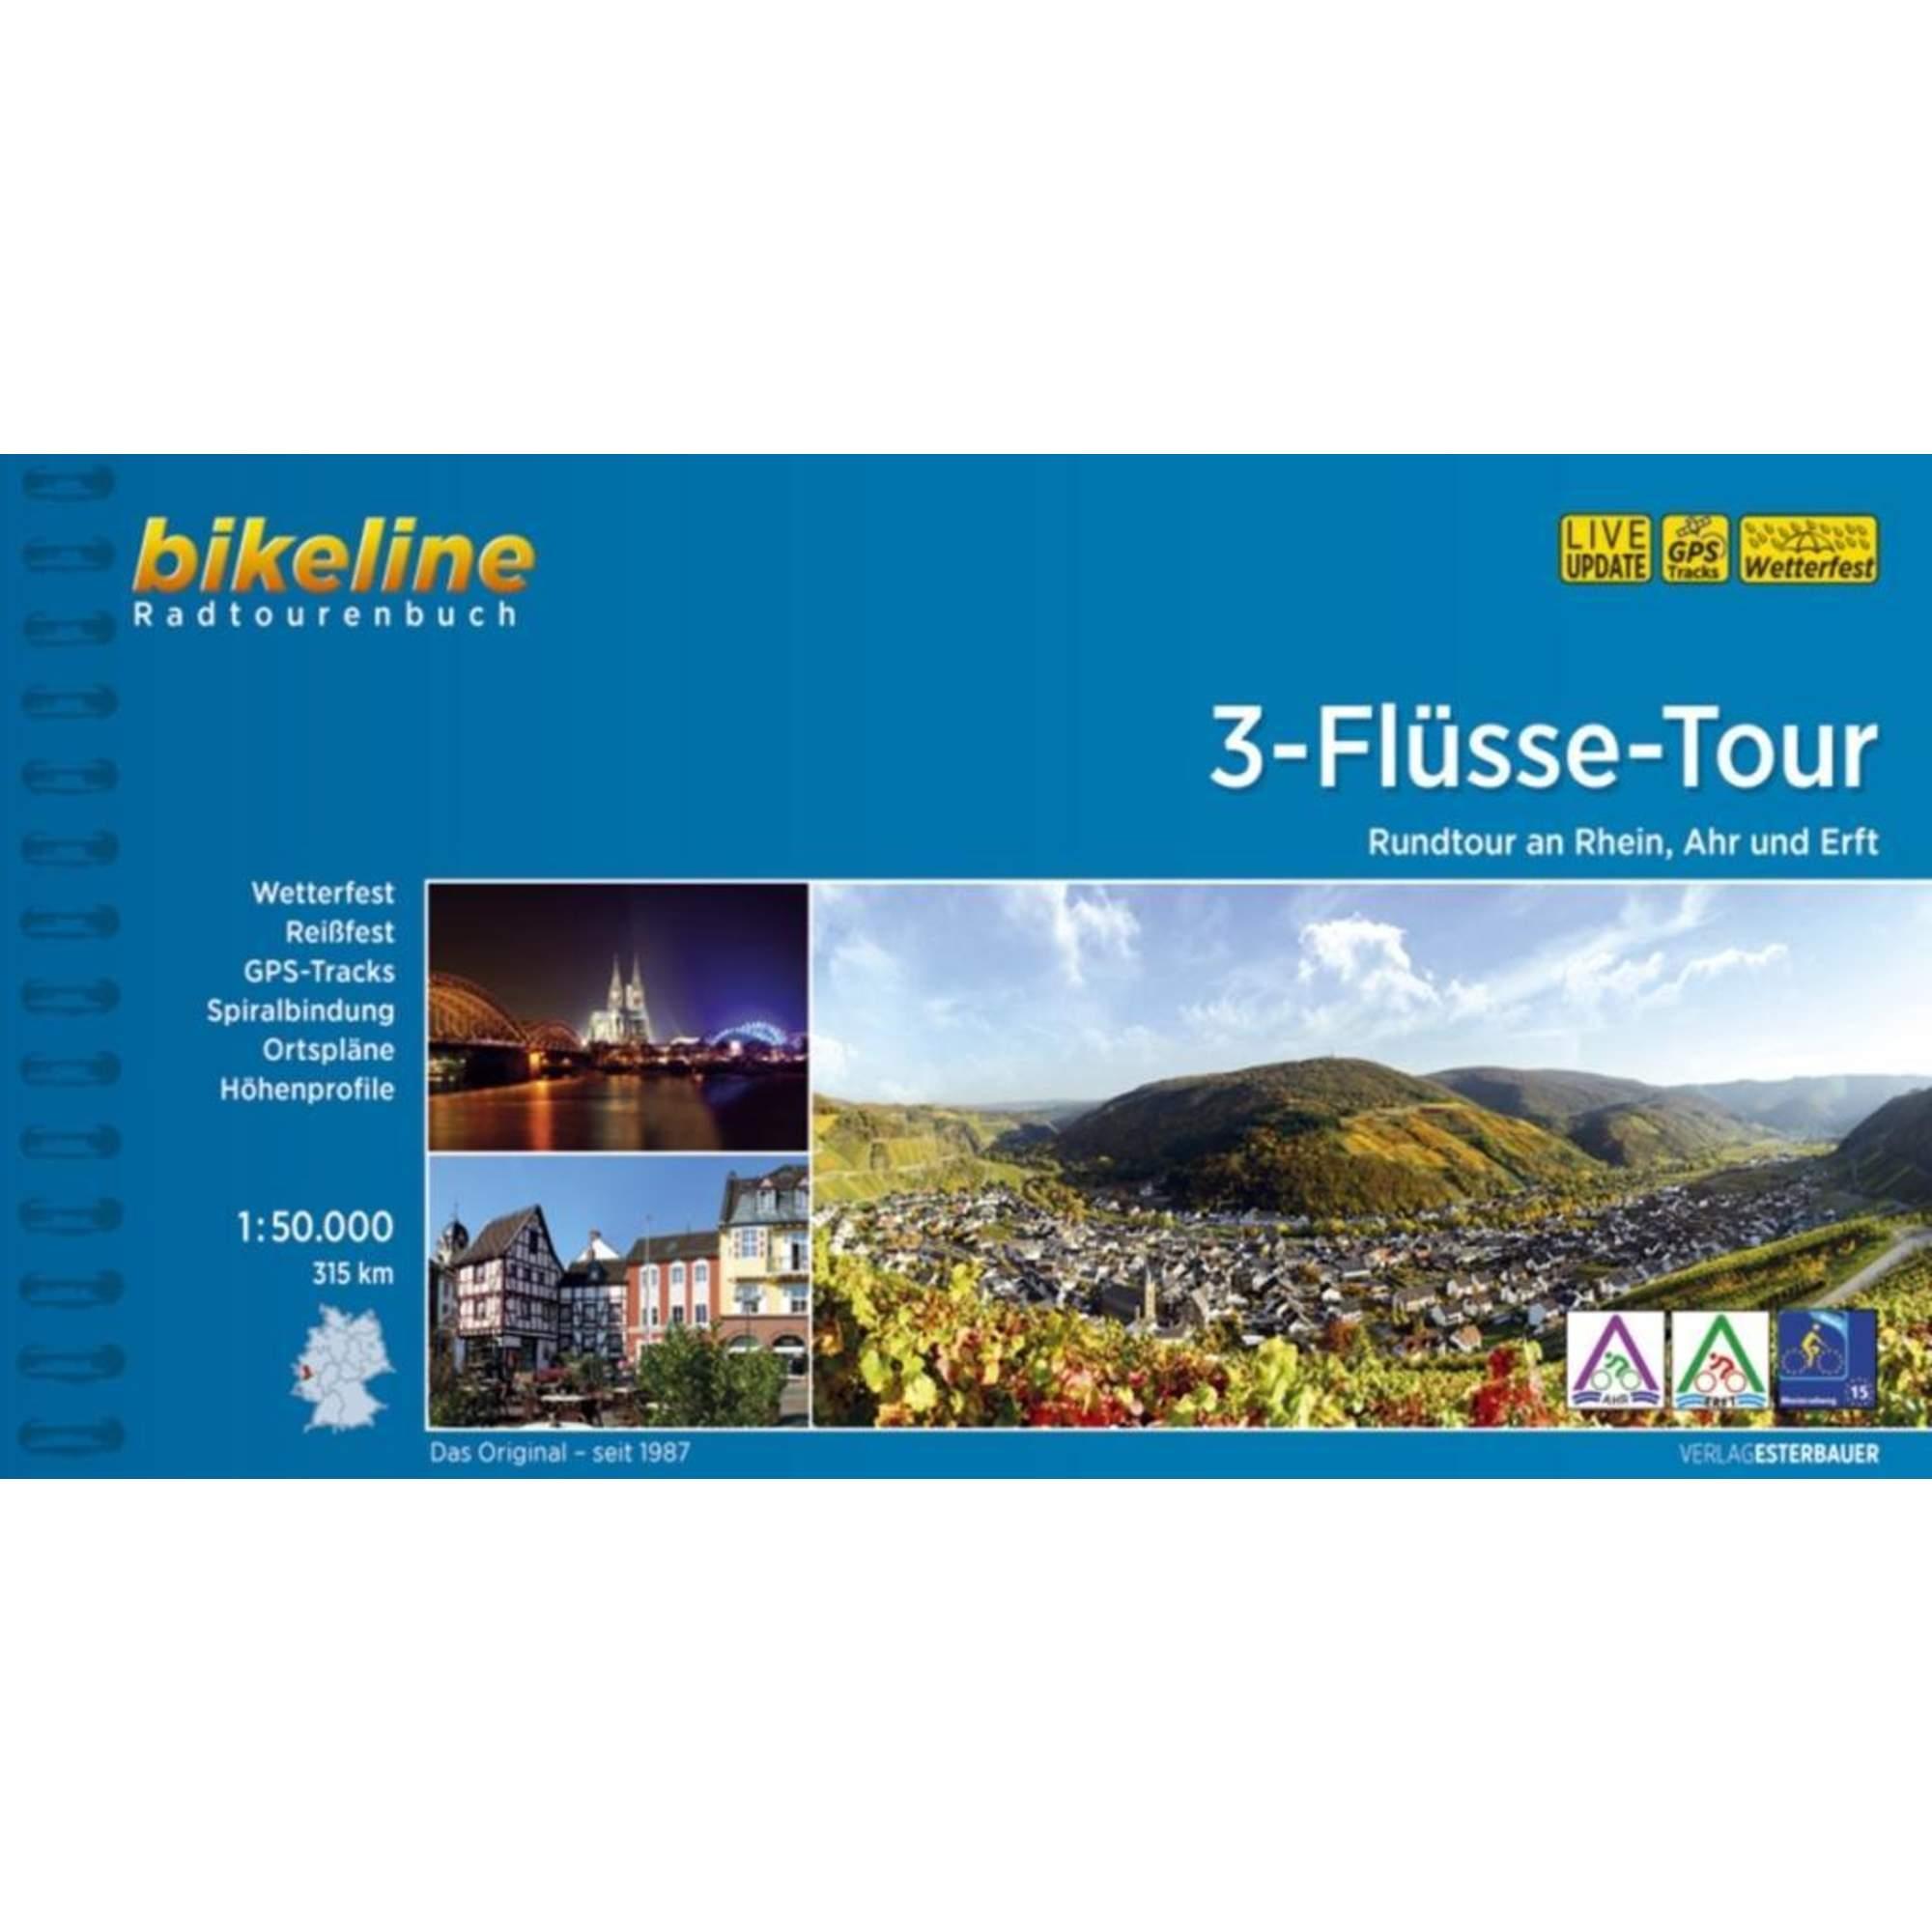 3-Flüsse-Tour, 14,90 Euro